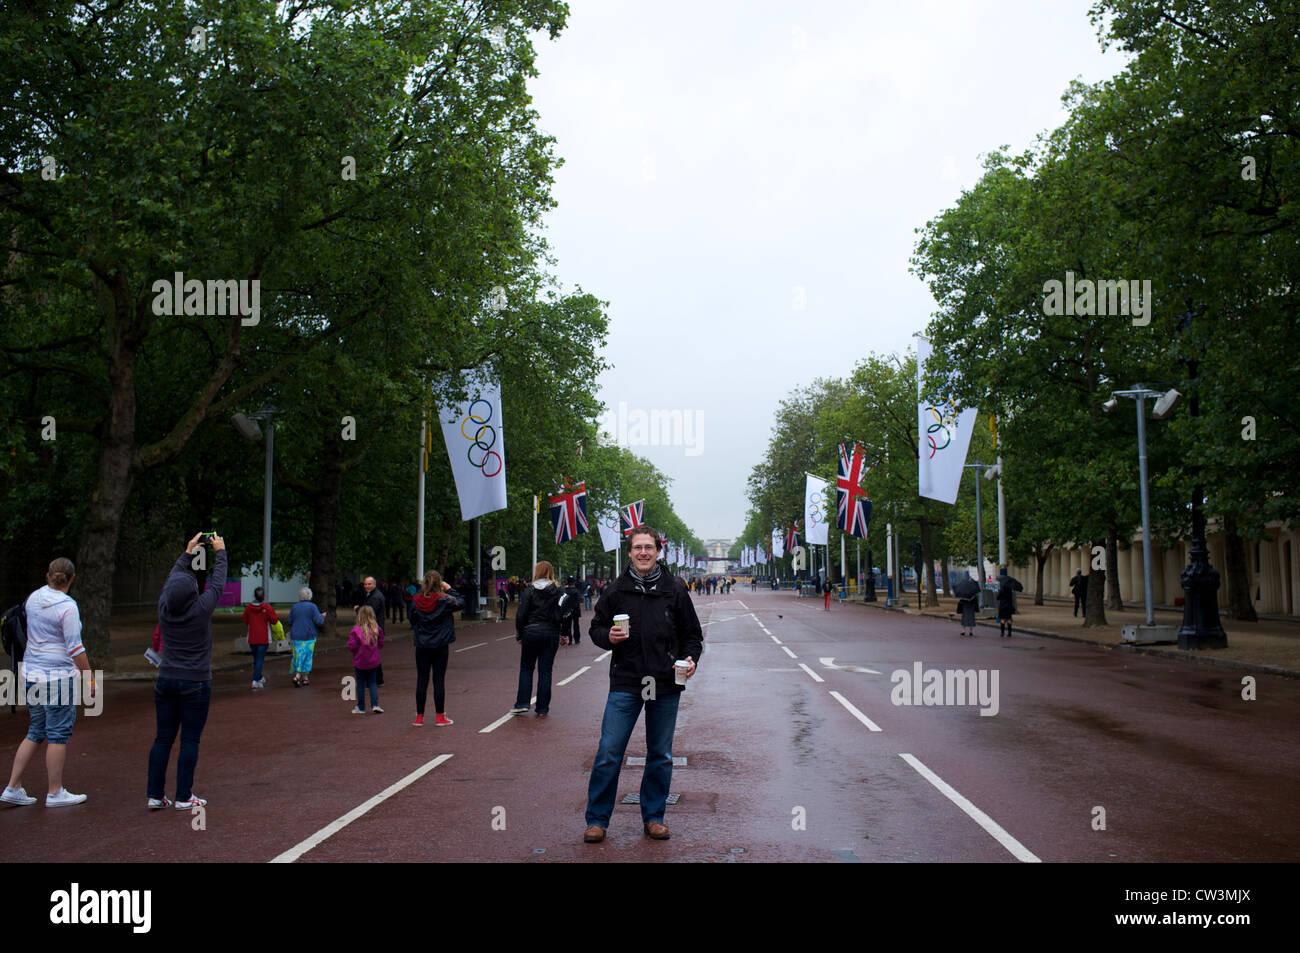 Des jours à supporter sur les Jeux Olympiques de Londres en 2012 avec les drapeaux olympiques Photo Stock